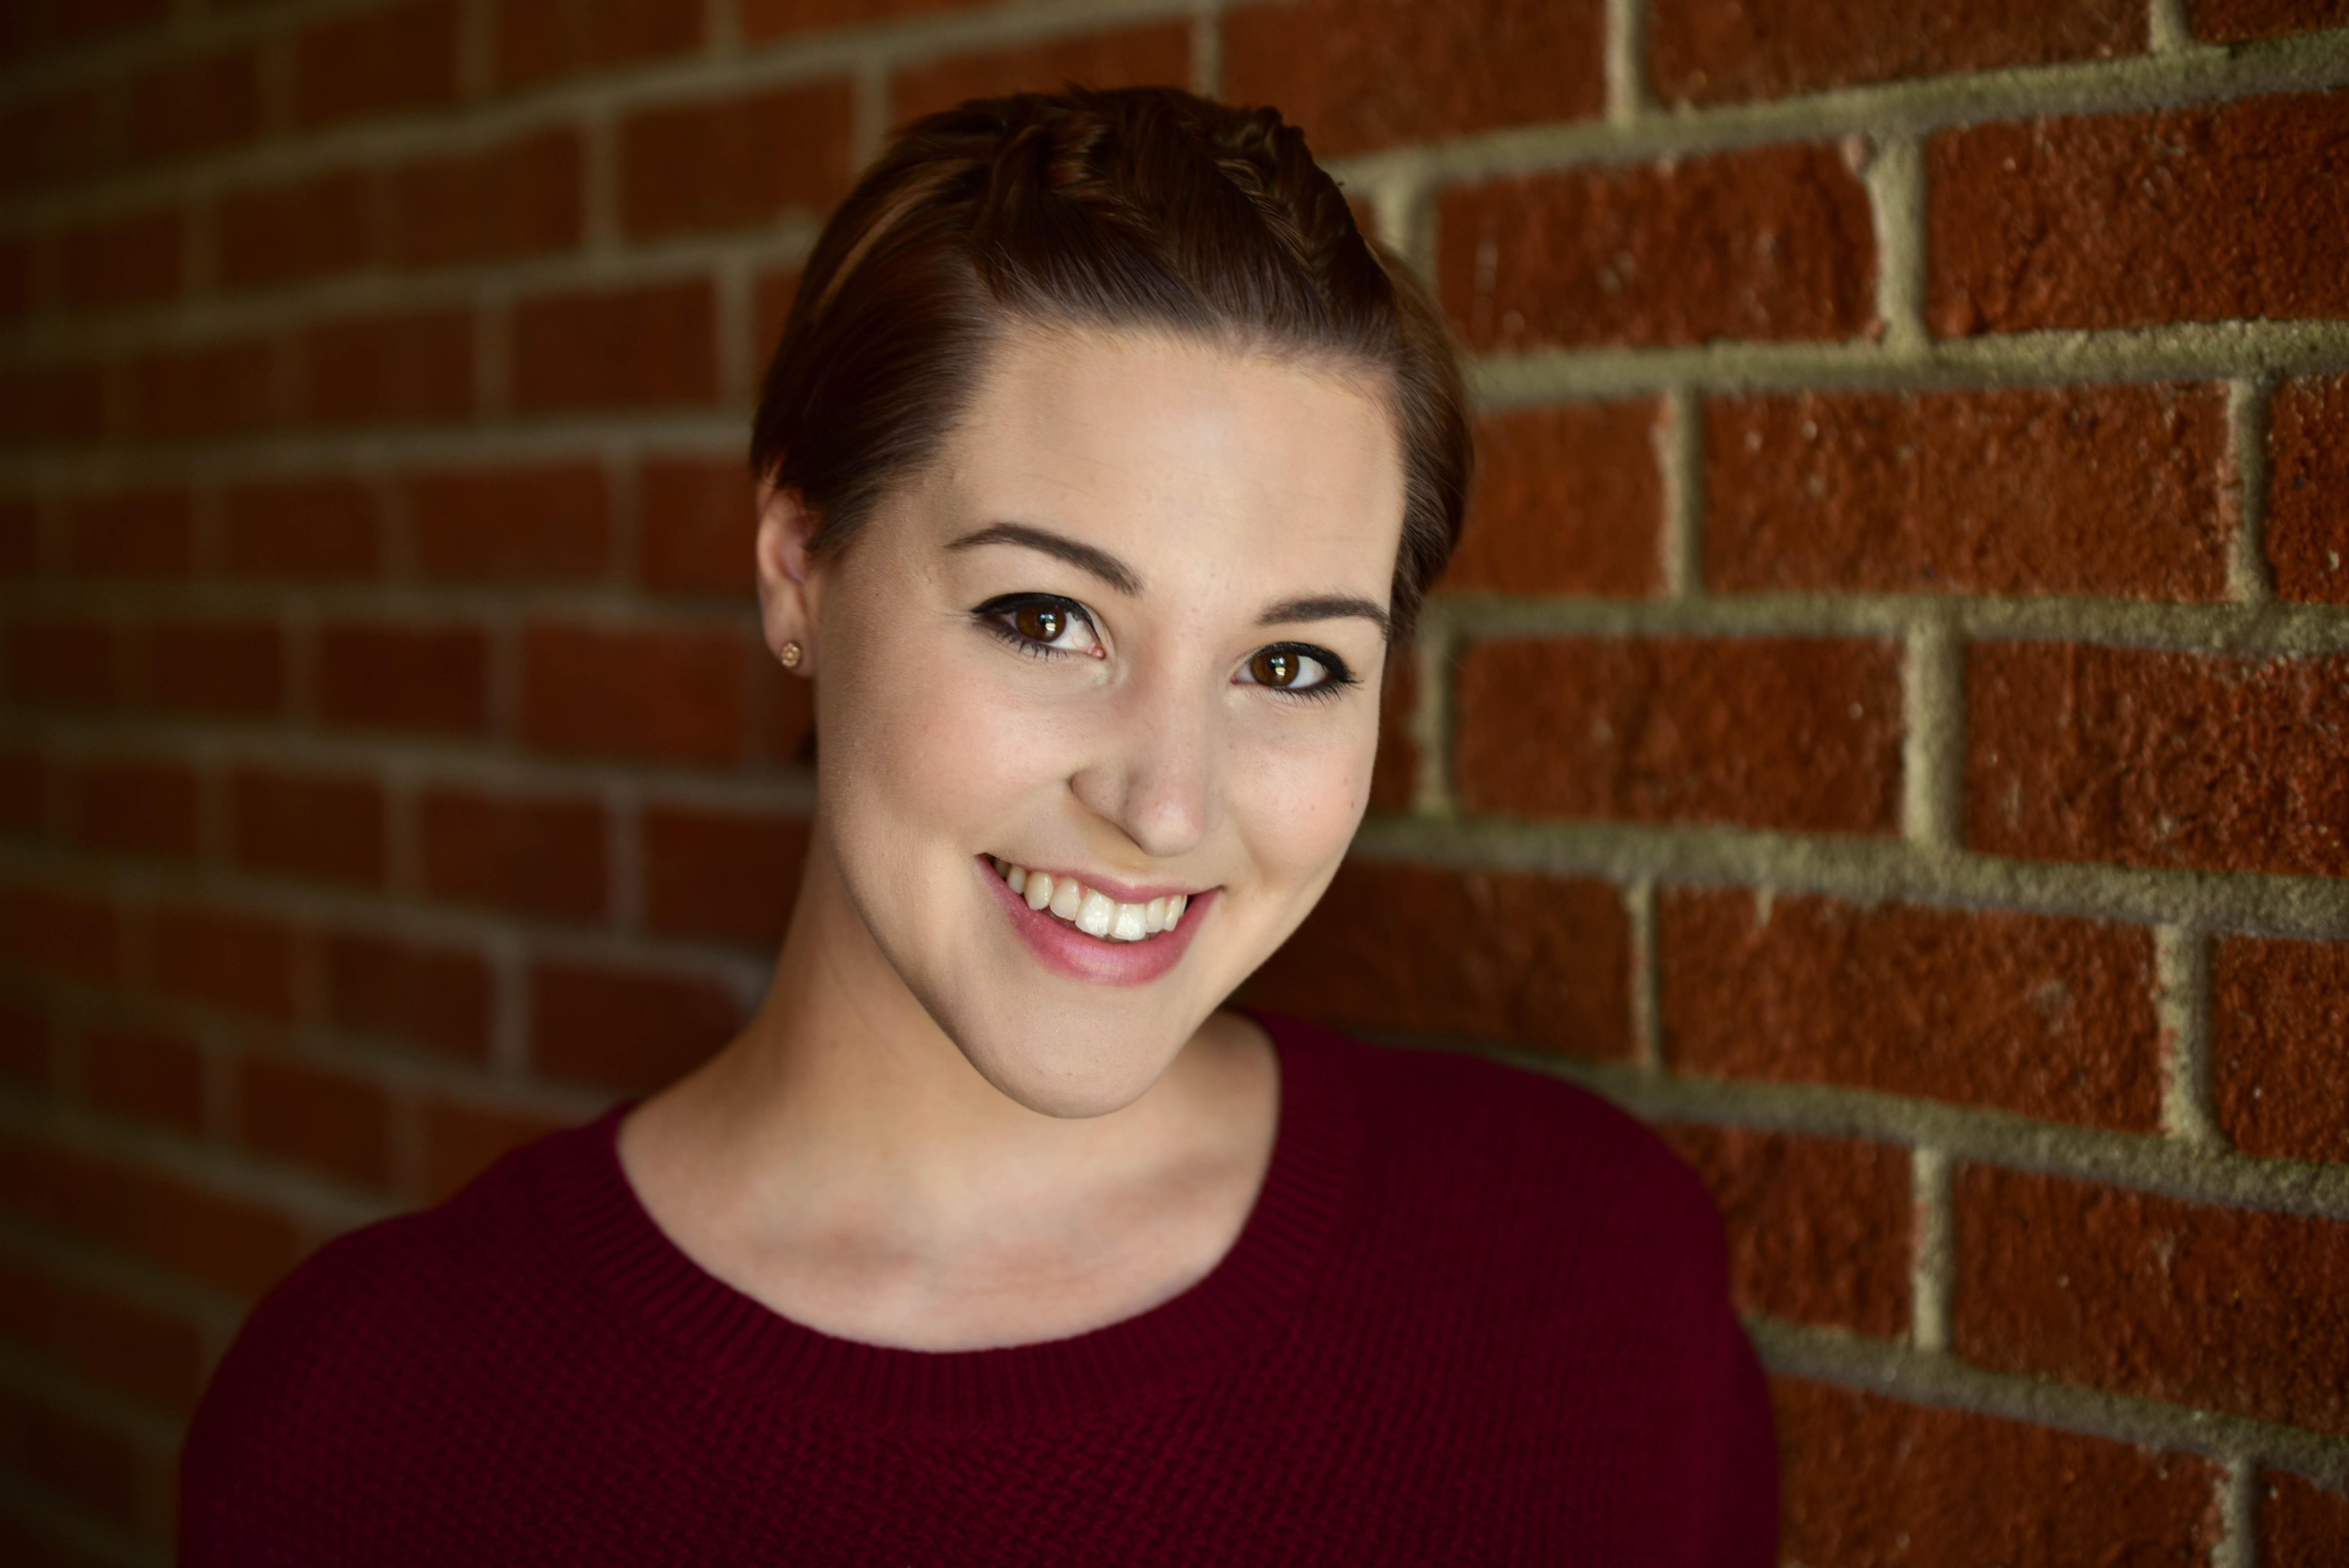 Courtney Foxworthy